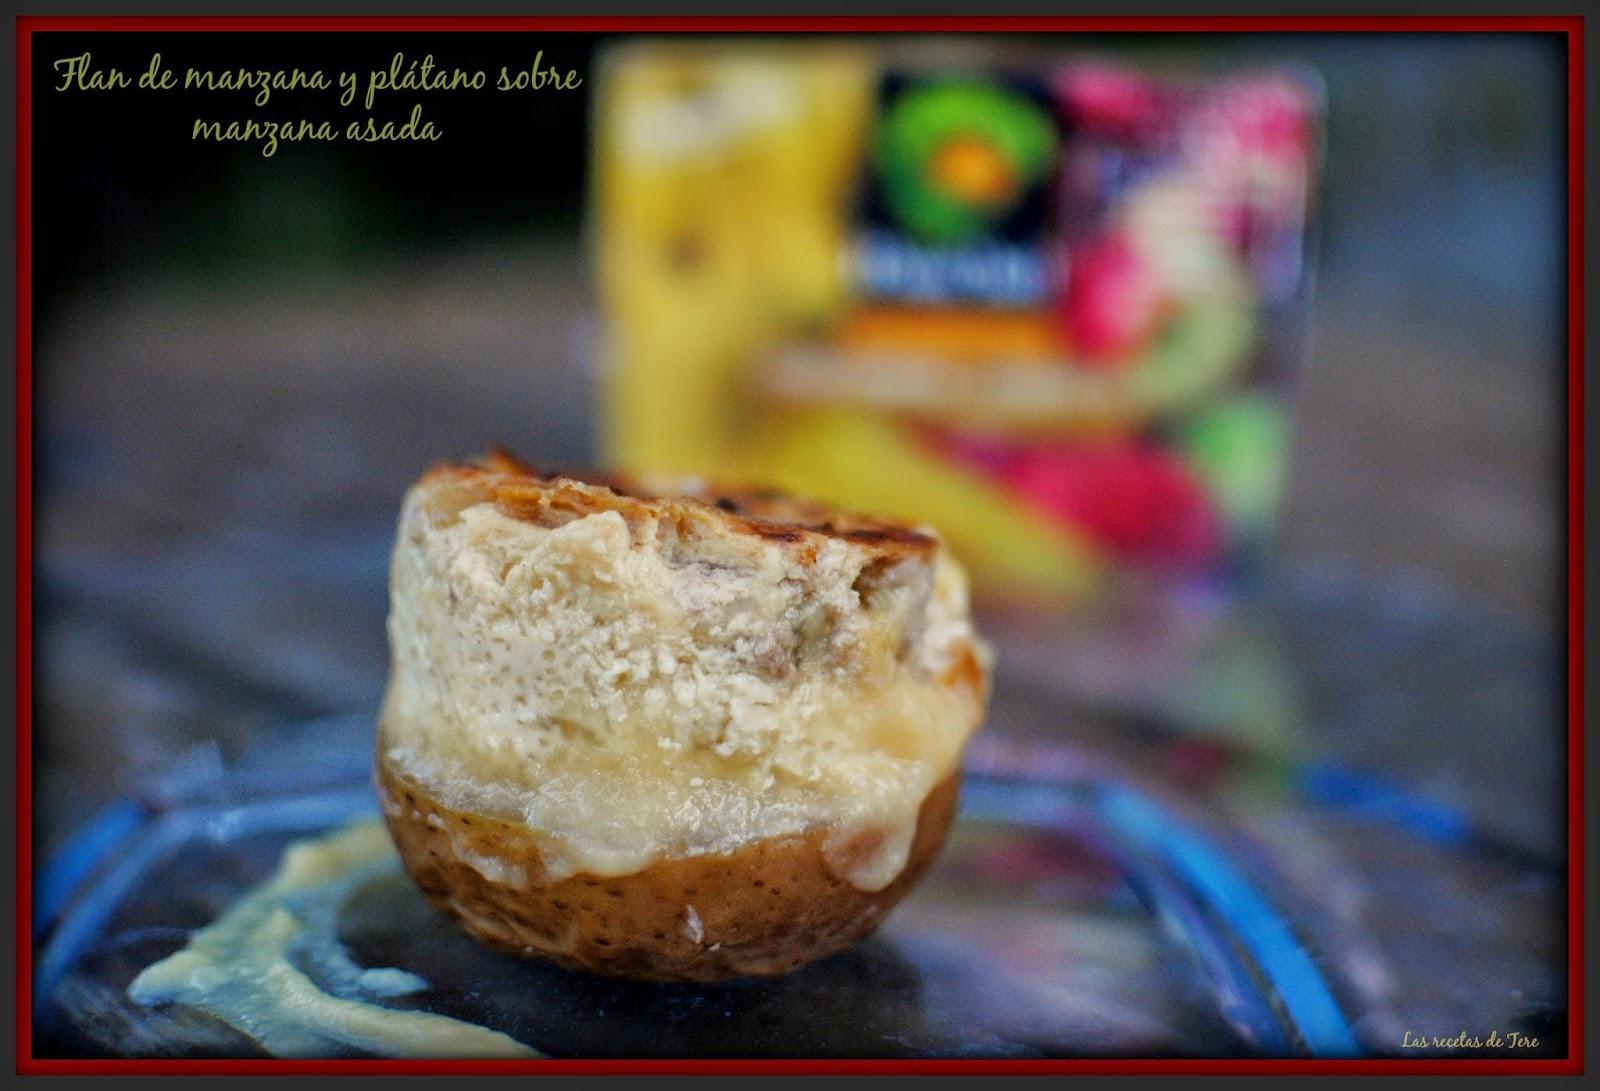 Flan de manzana y plátano sobre manzana asada.